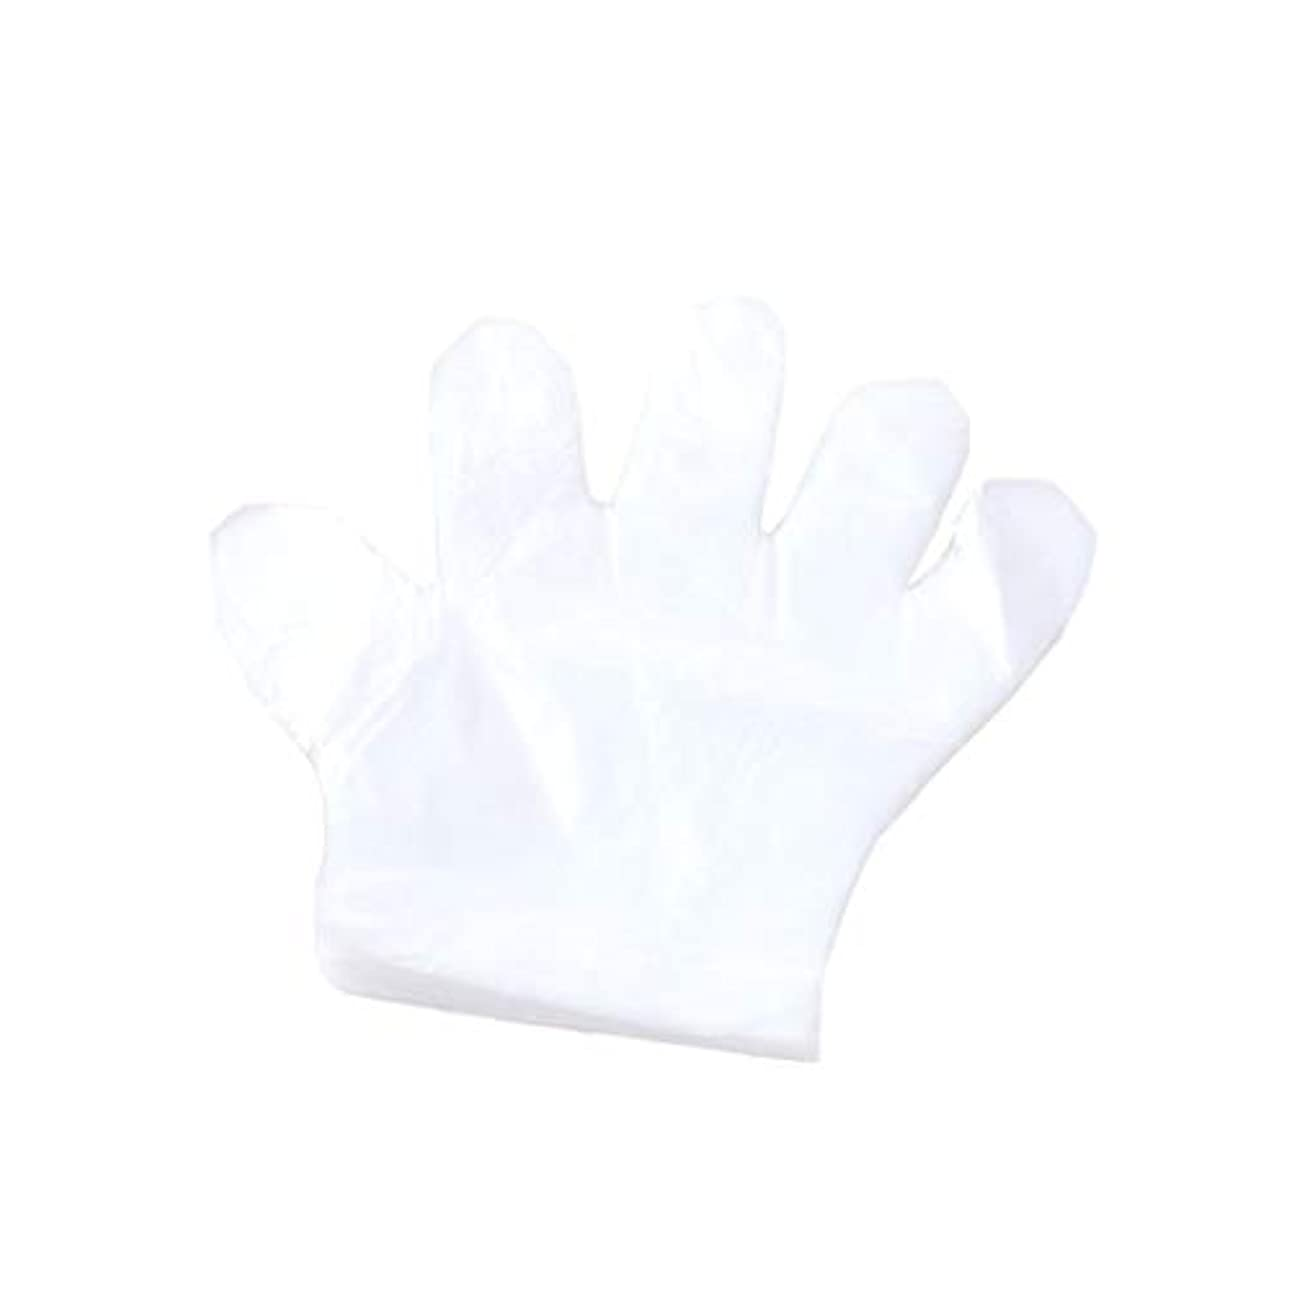 発言するバインド革命手袋、使い捨て手袋、プラスチック透明な使い捨て手袋、衛生的な食品、100スーツ。 (UnitCount : 2000only)